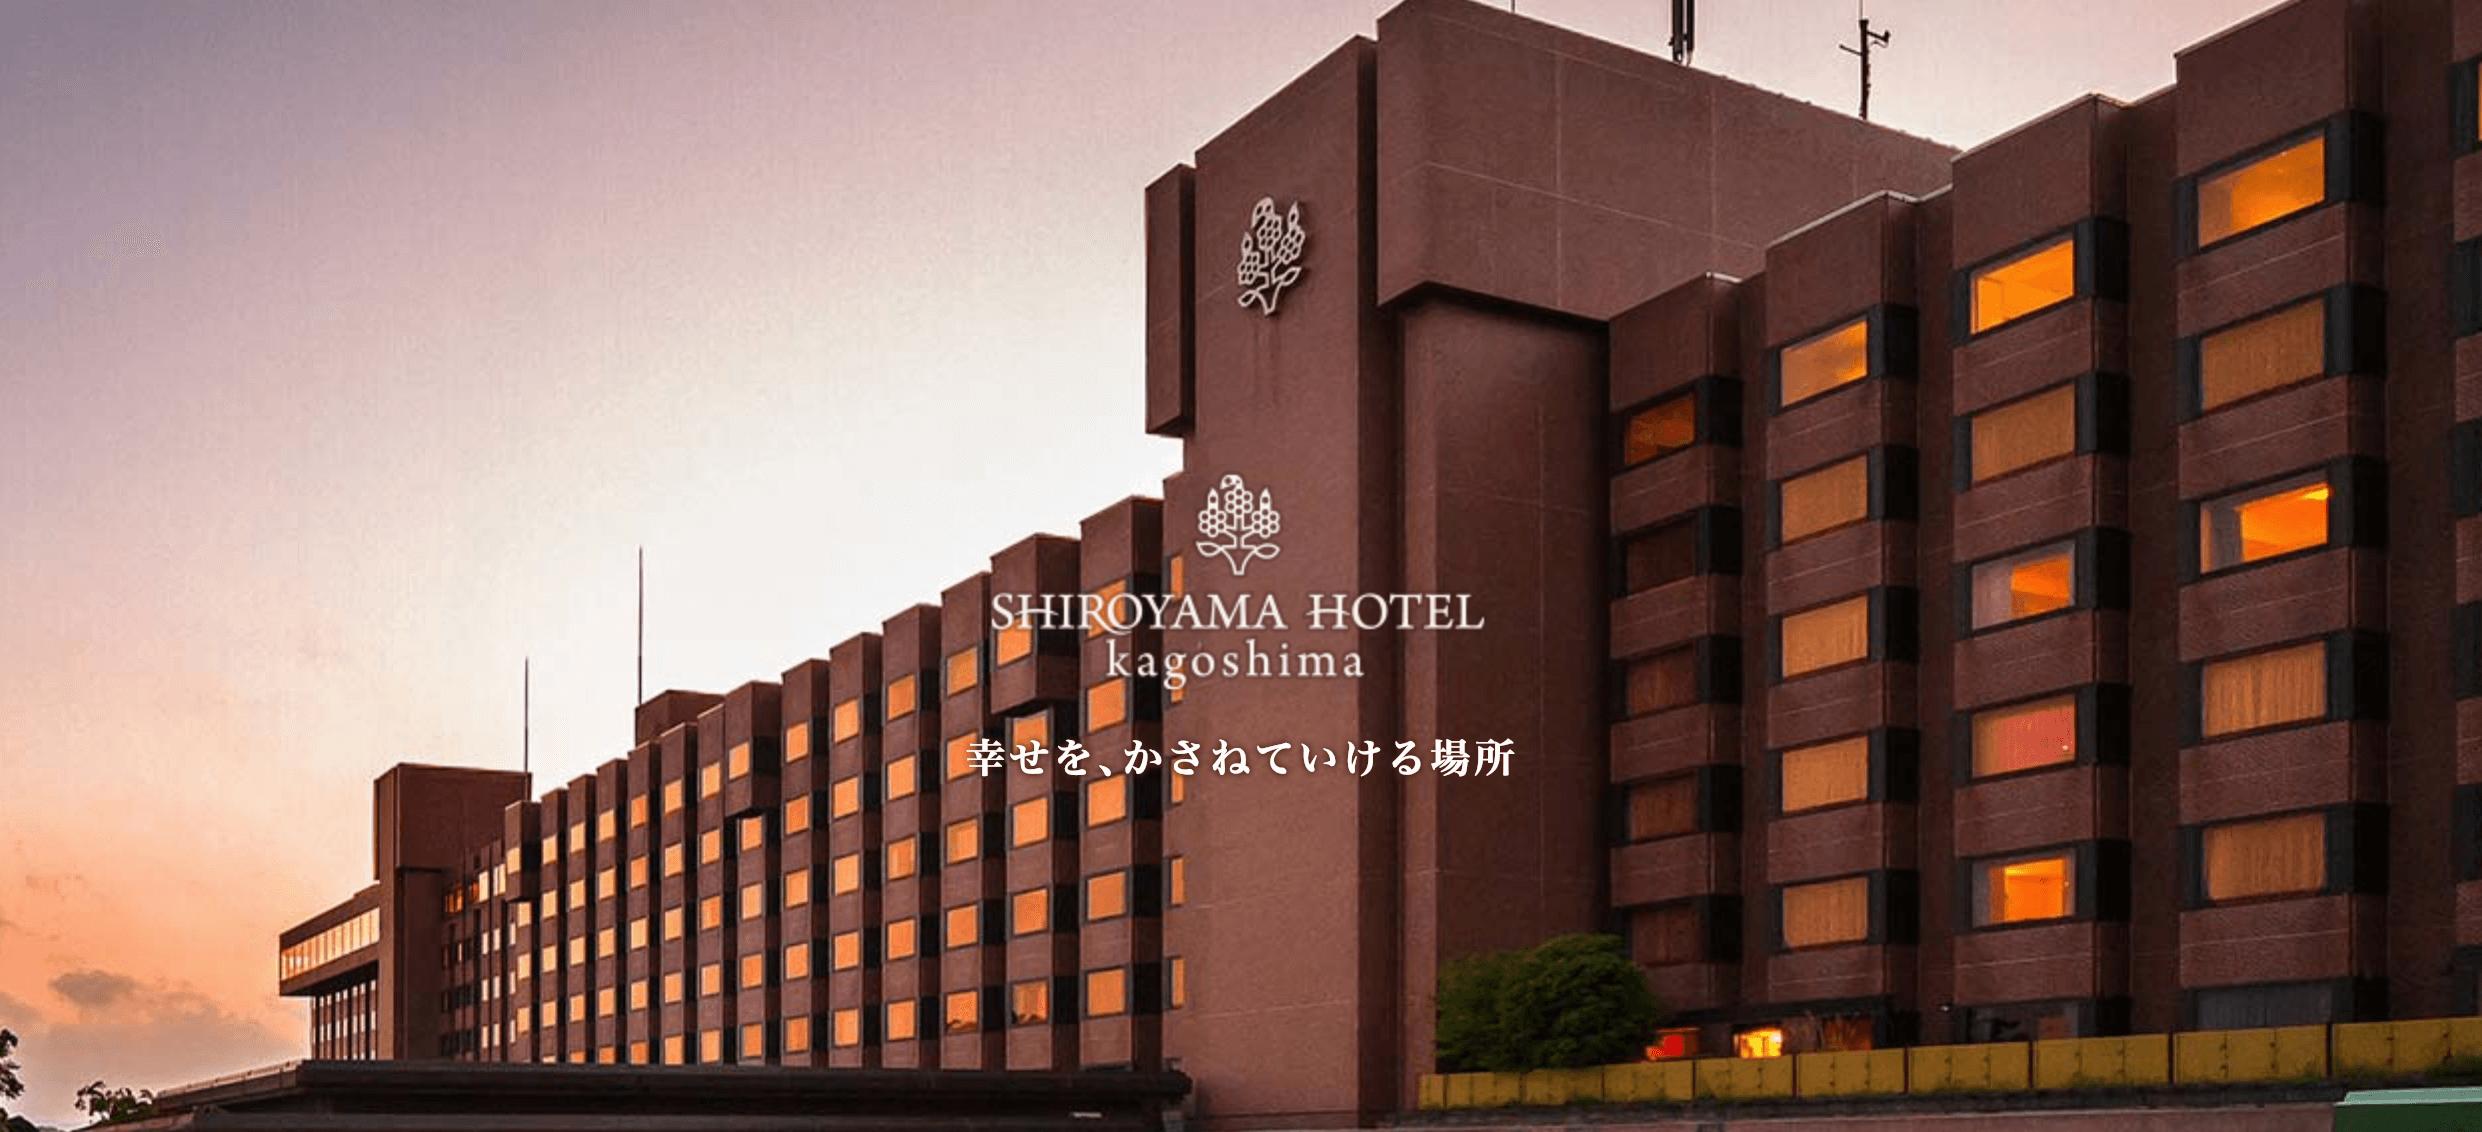 鹿児島でパパ活におすすめなホテル「SHIROYAMA HOTEL kagoshima」